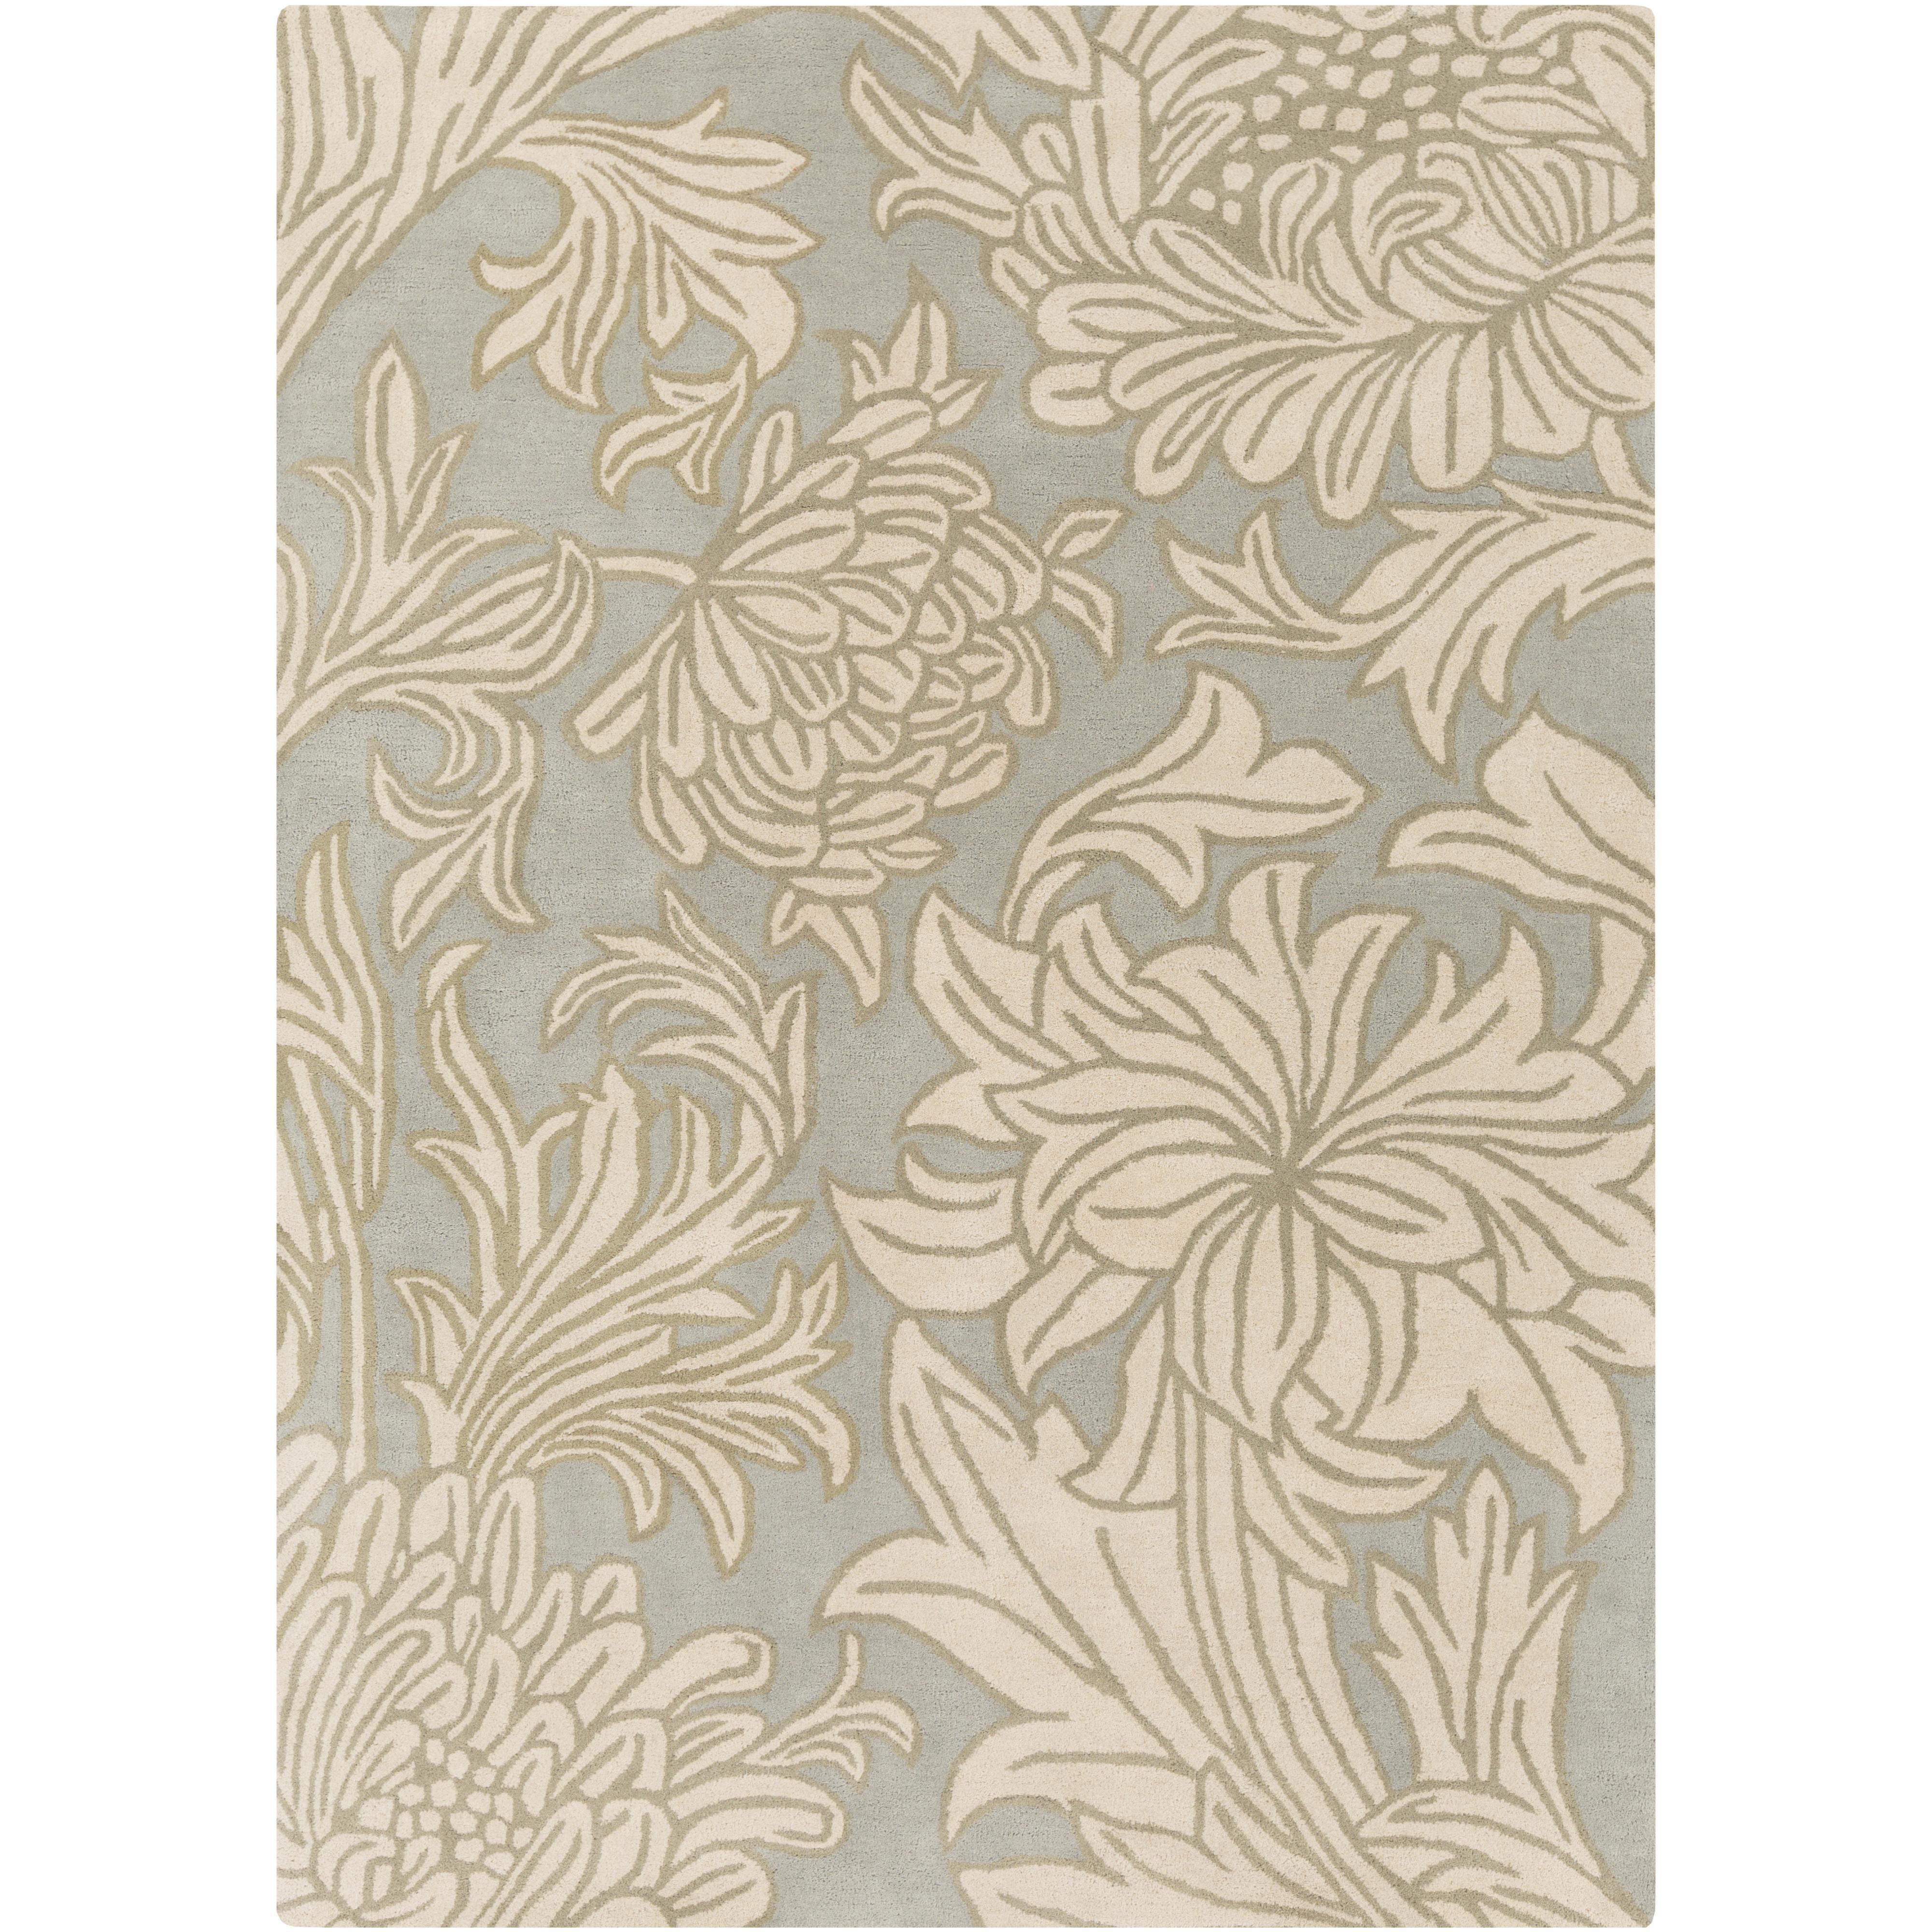 """Surya Rugs William Morris 3'3"""" x 5'3"""" - Item Number: WLM3009-3353"""